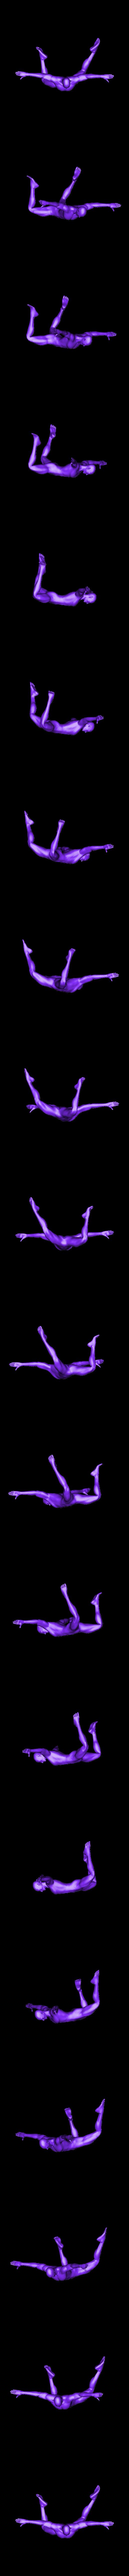 elfopoae4.stl Download free STL file elf,doll,5 poses • 3D print design, gaaraa